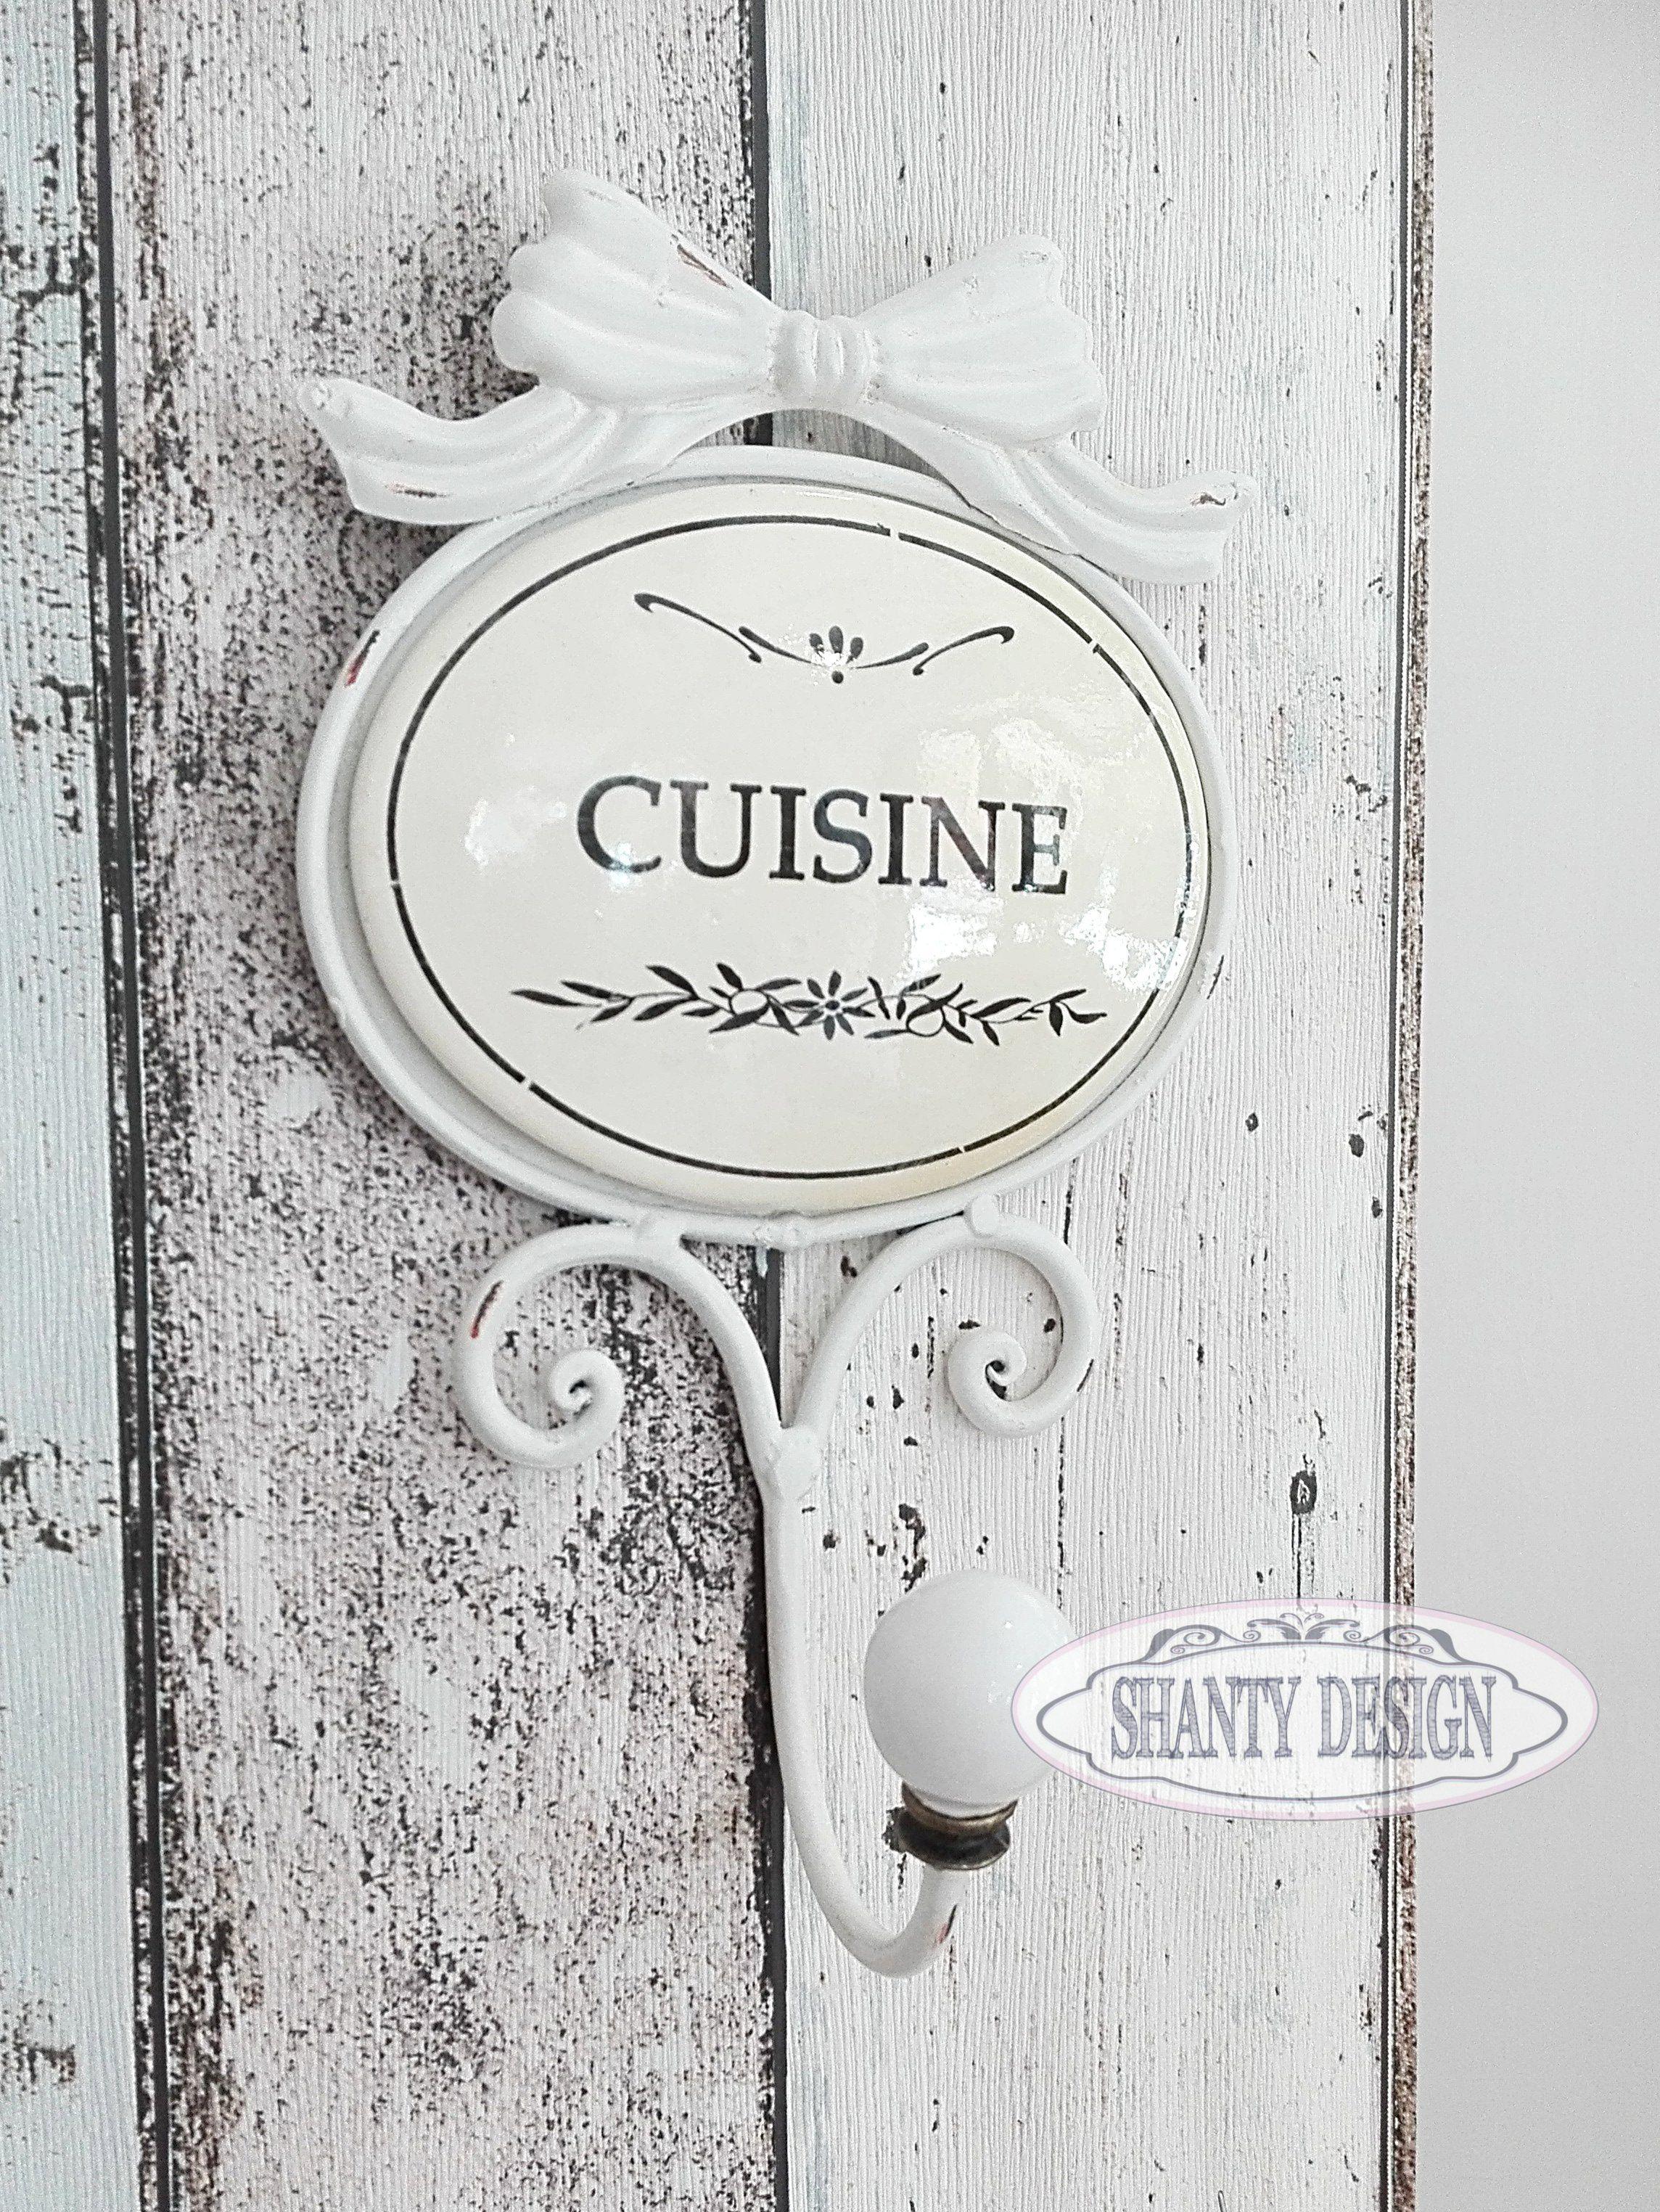 Gancio appendino cucina fiocco provenzale accessori cucina shabby chic - Accessori cucina shabby chic ...